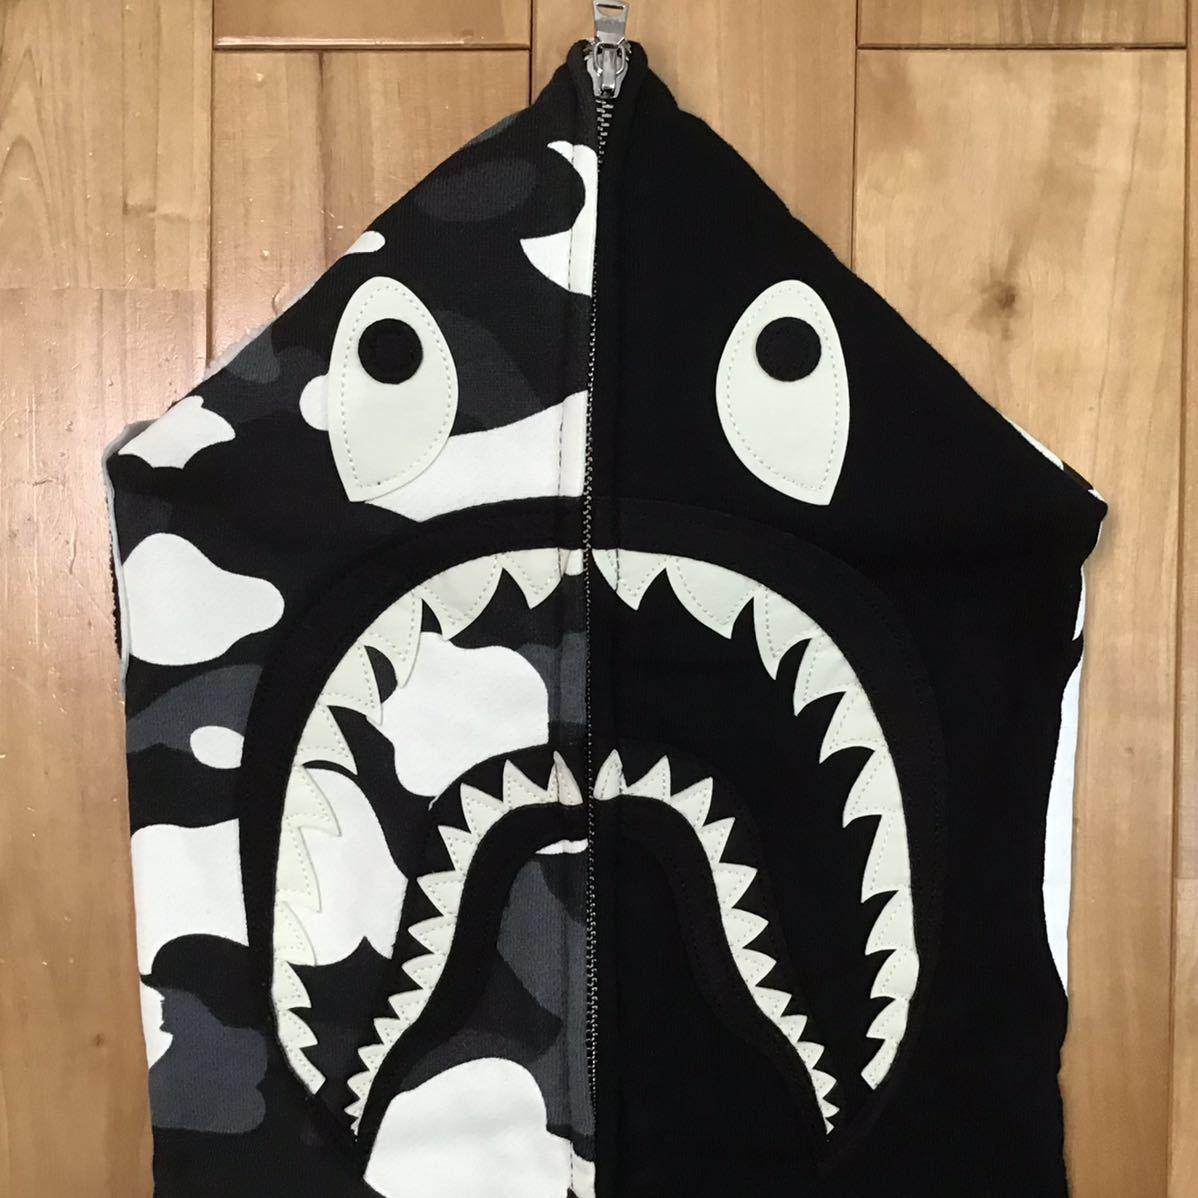 ★蓄光★ zozo限定 city camo シャーク パーカー Mサイズ shark full zip hoodie a bathing ape BAPE エイプ ベイプ アベイシングエイプ nv